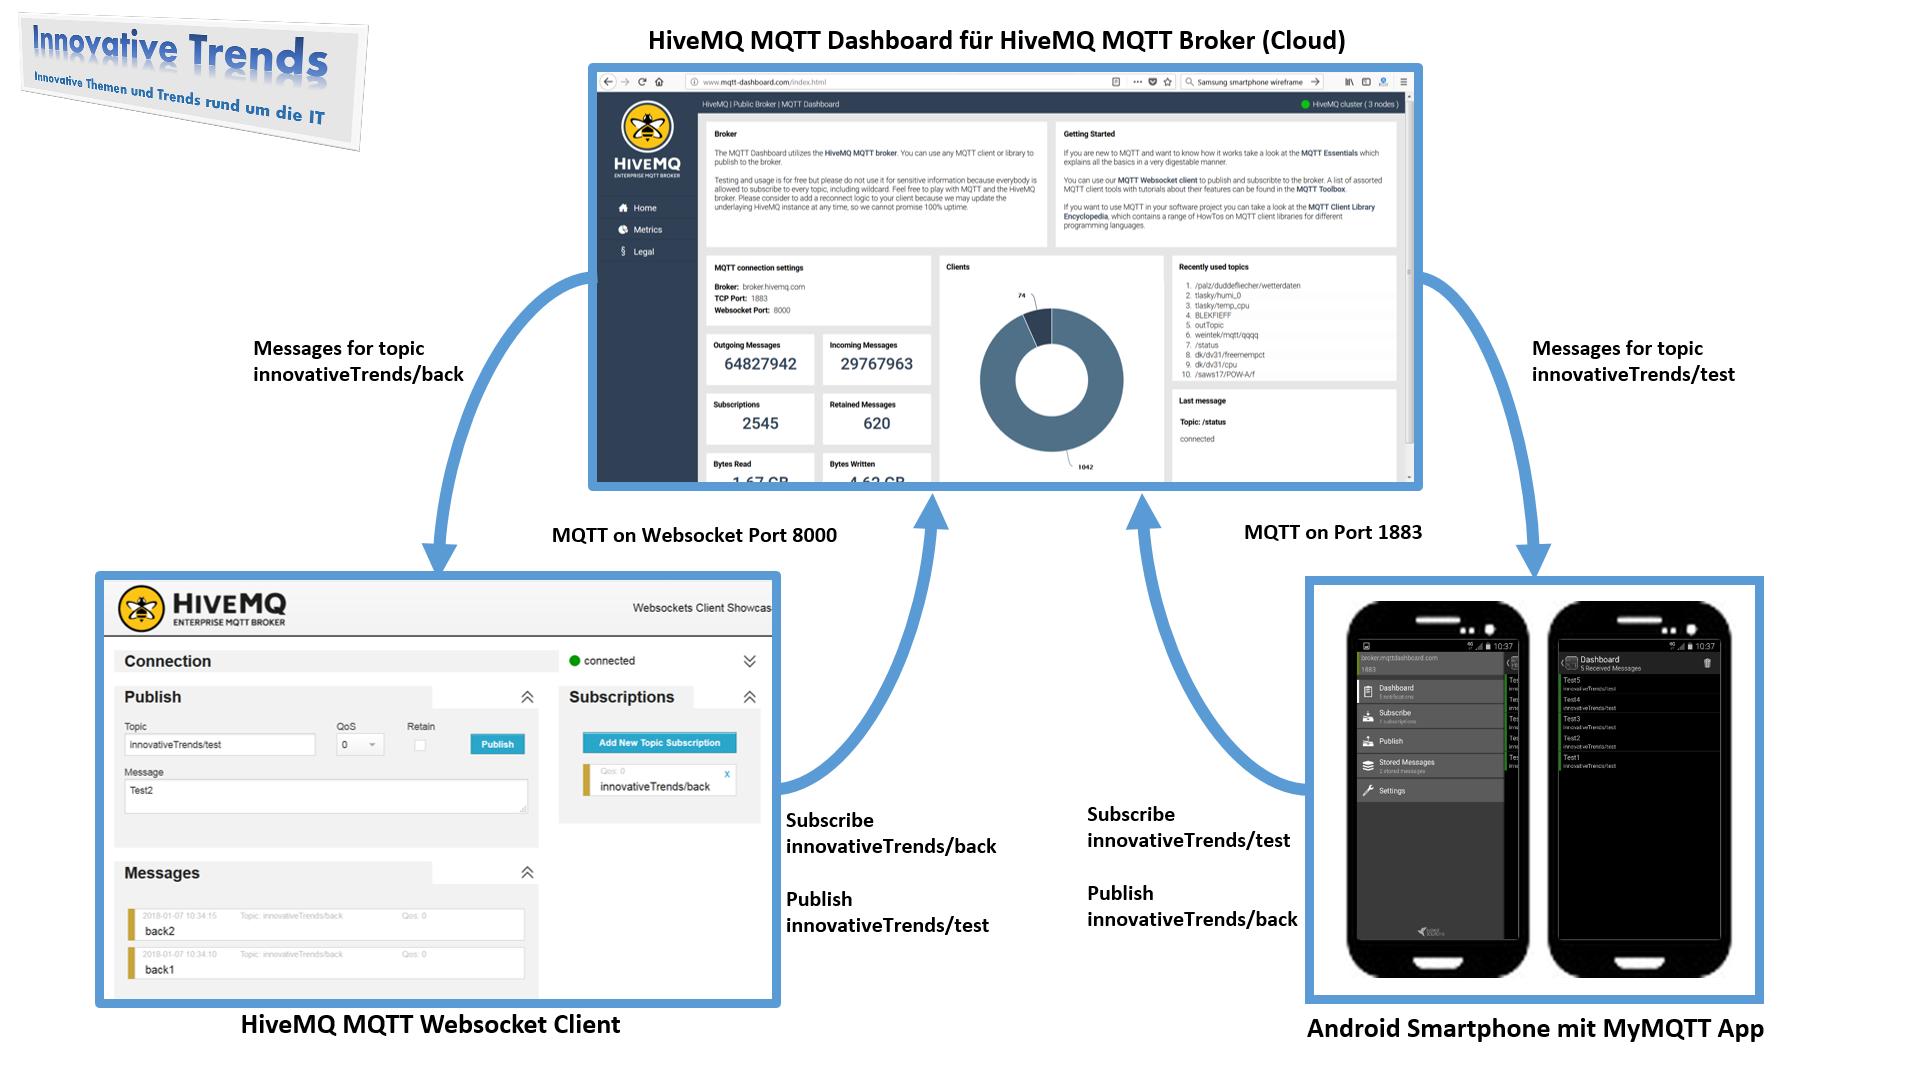 MQTT – Das IoT-Messaging-Protokoll mit Android-App (MyMQTT